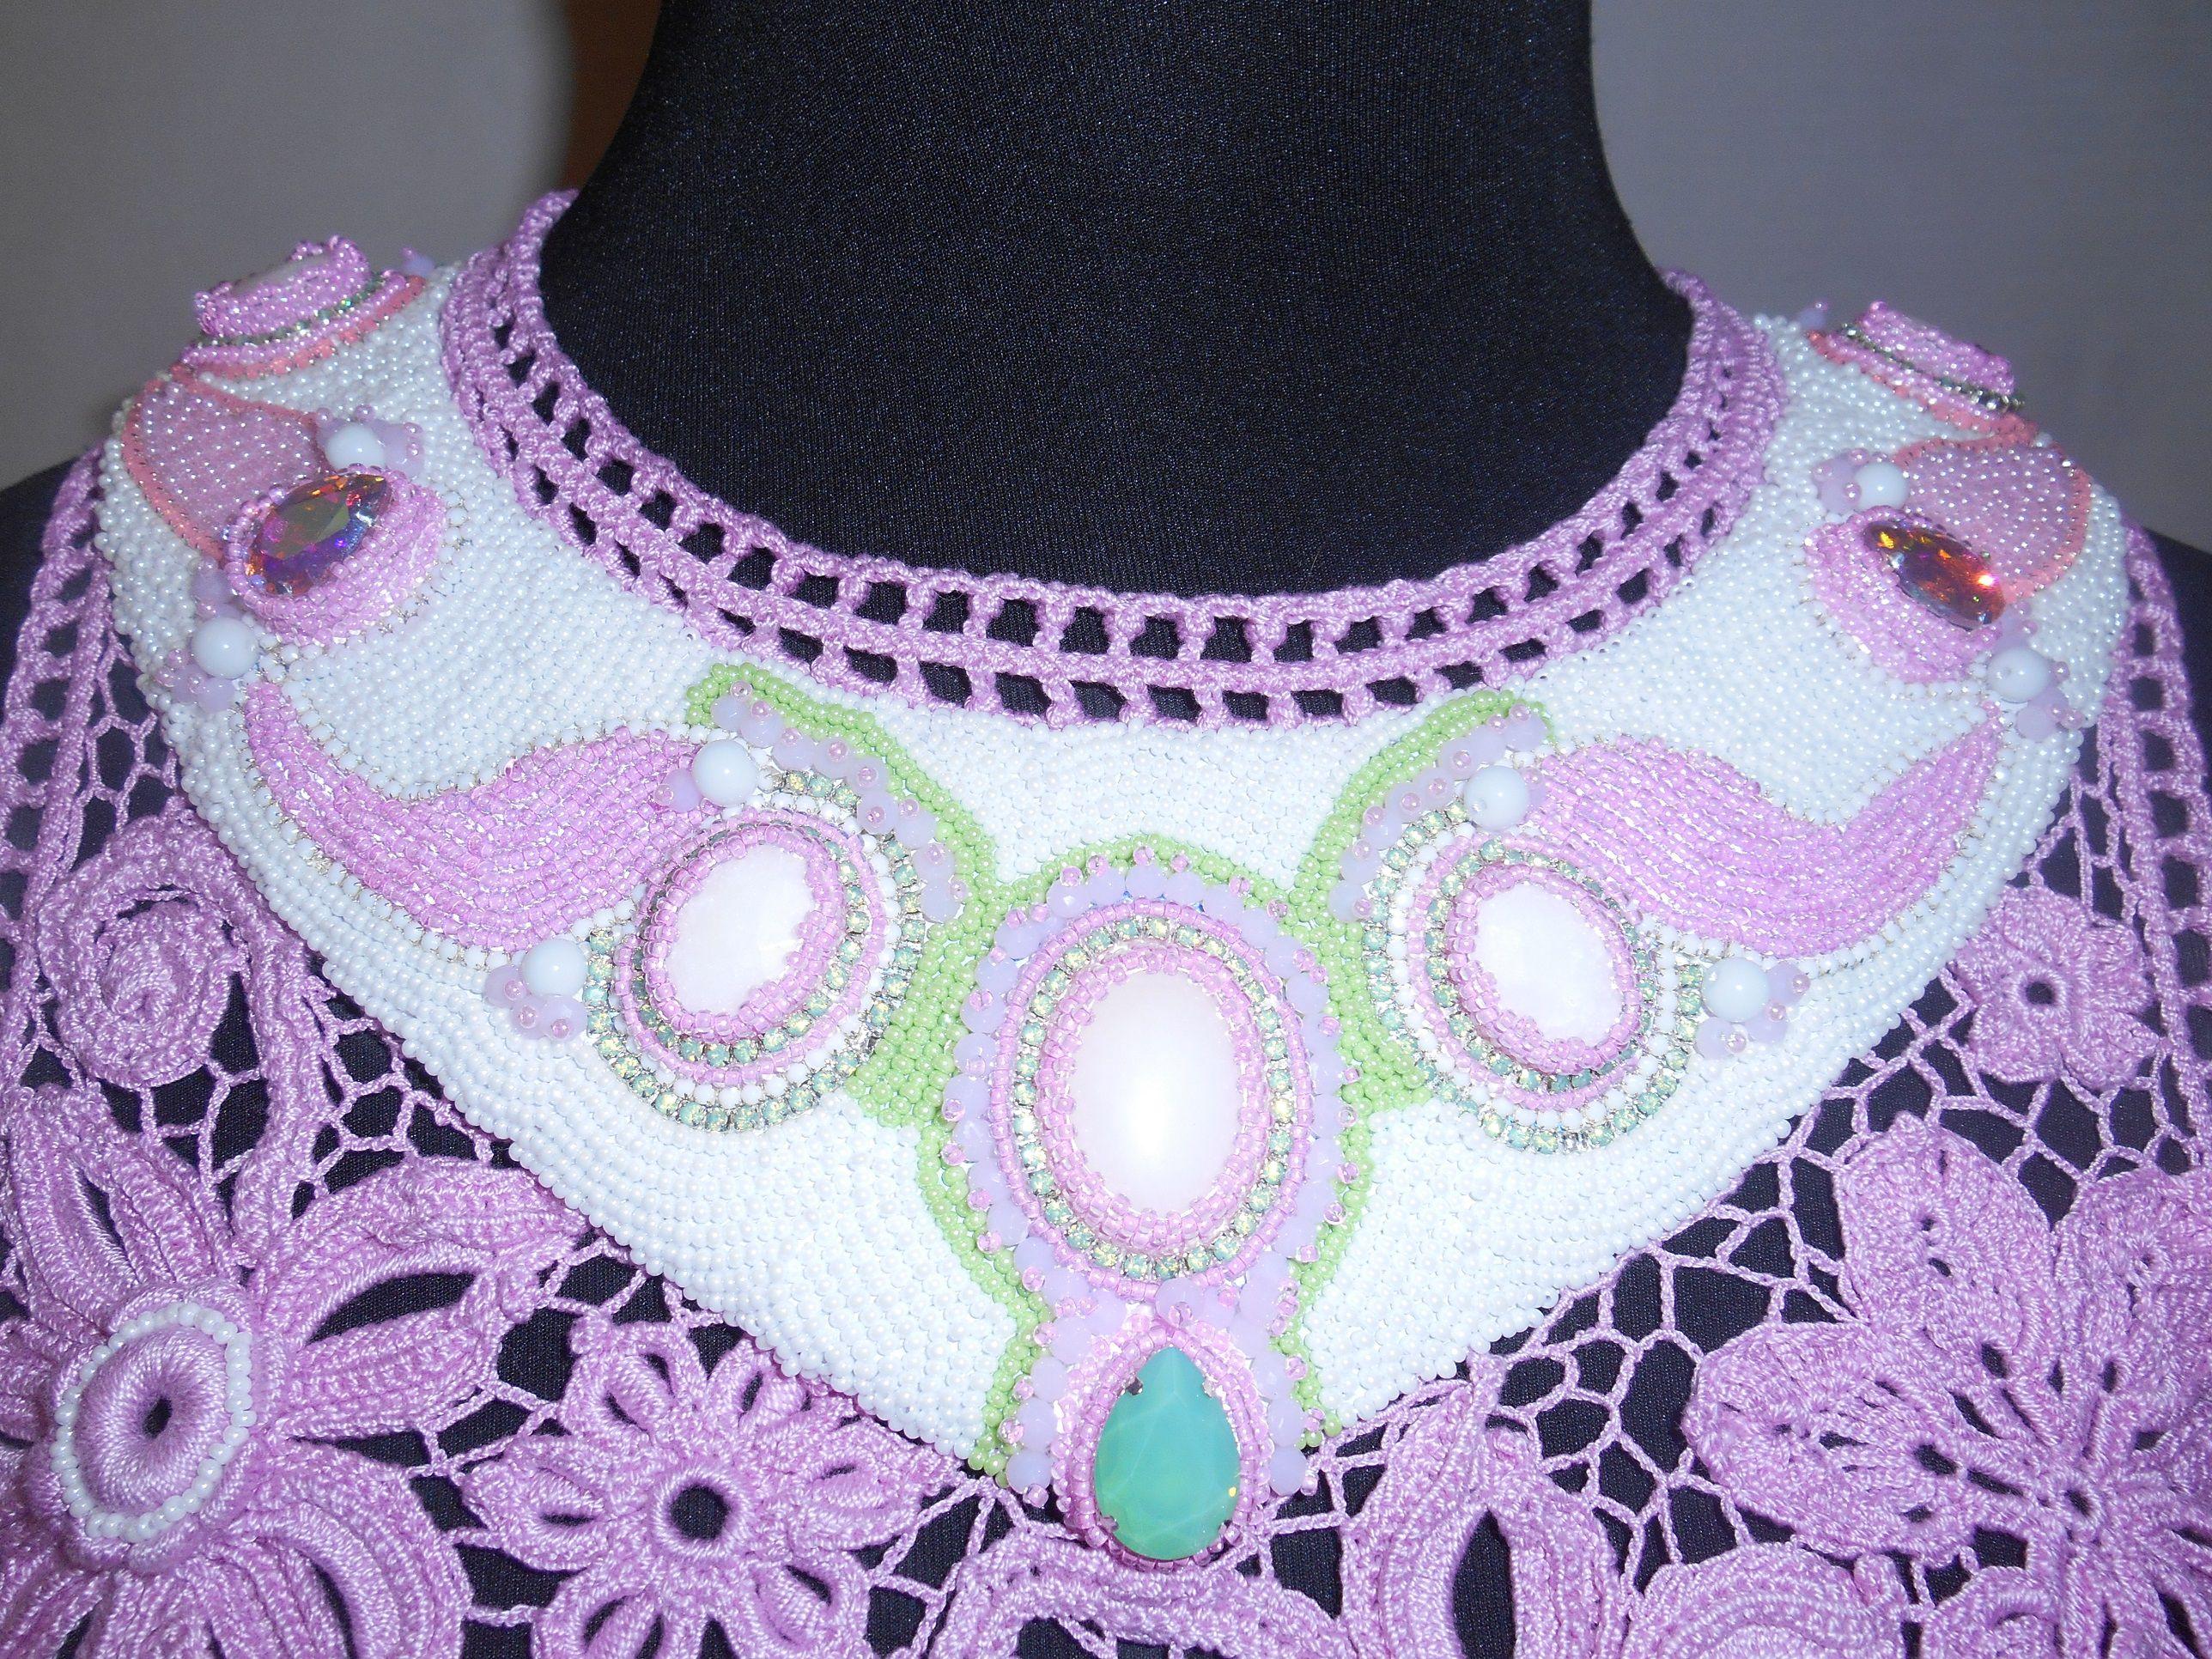 топ девушек крючком летний кружевноу женский для ирландское кружево розовый вязание женщин вязаный